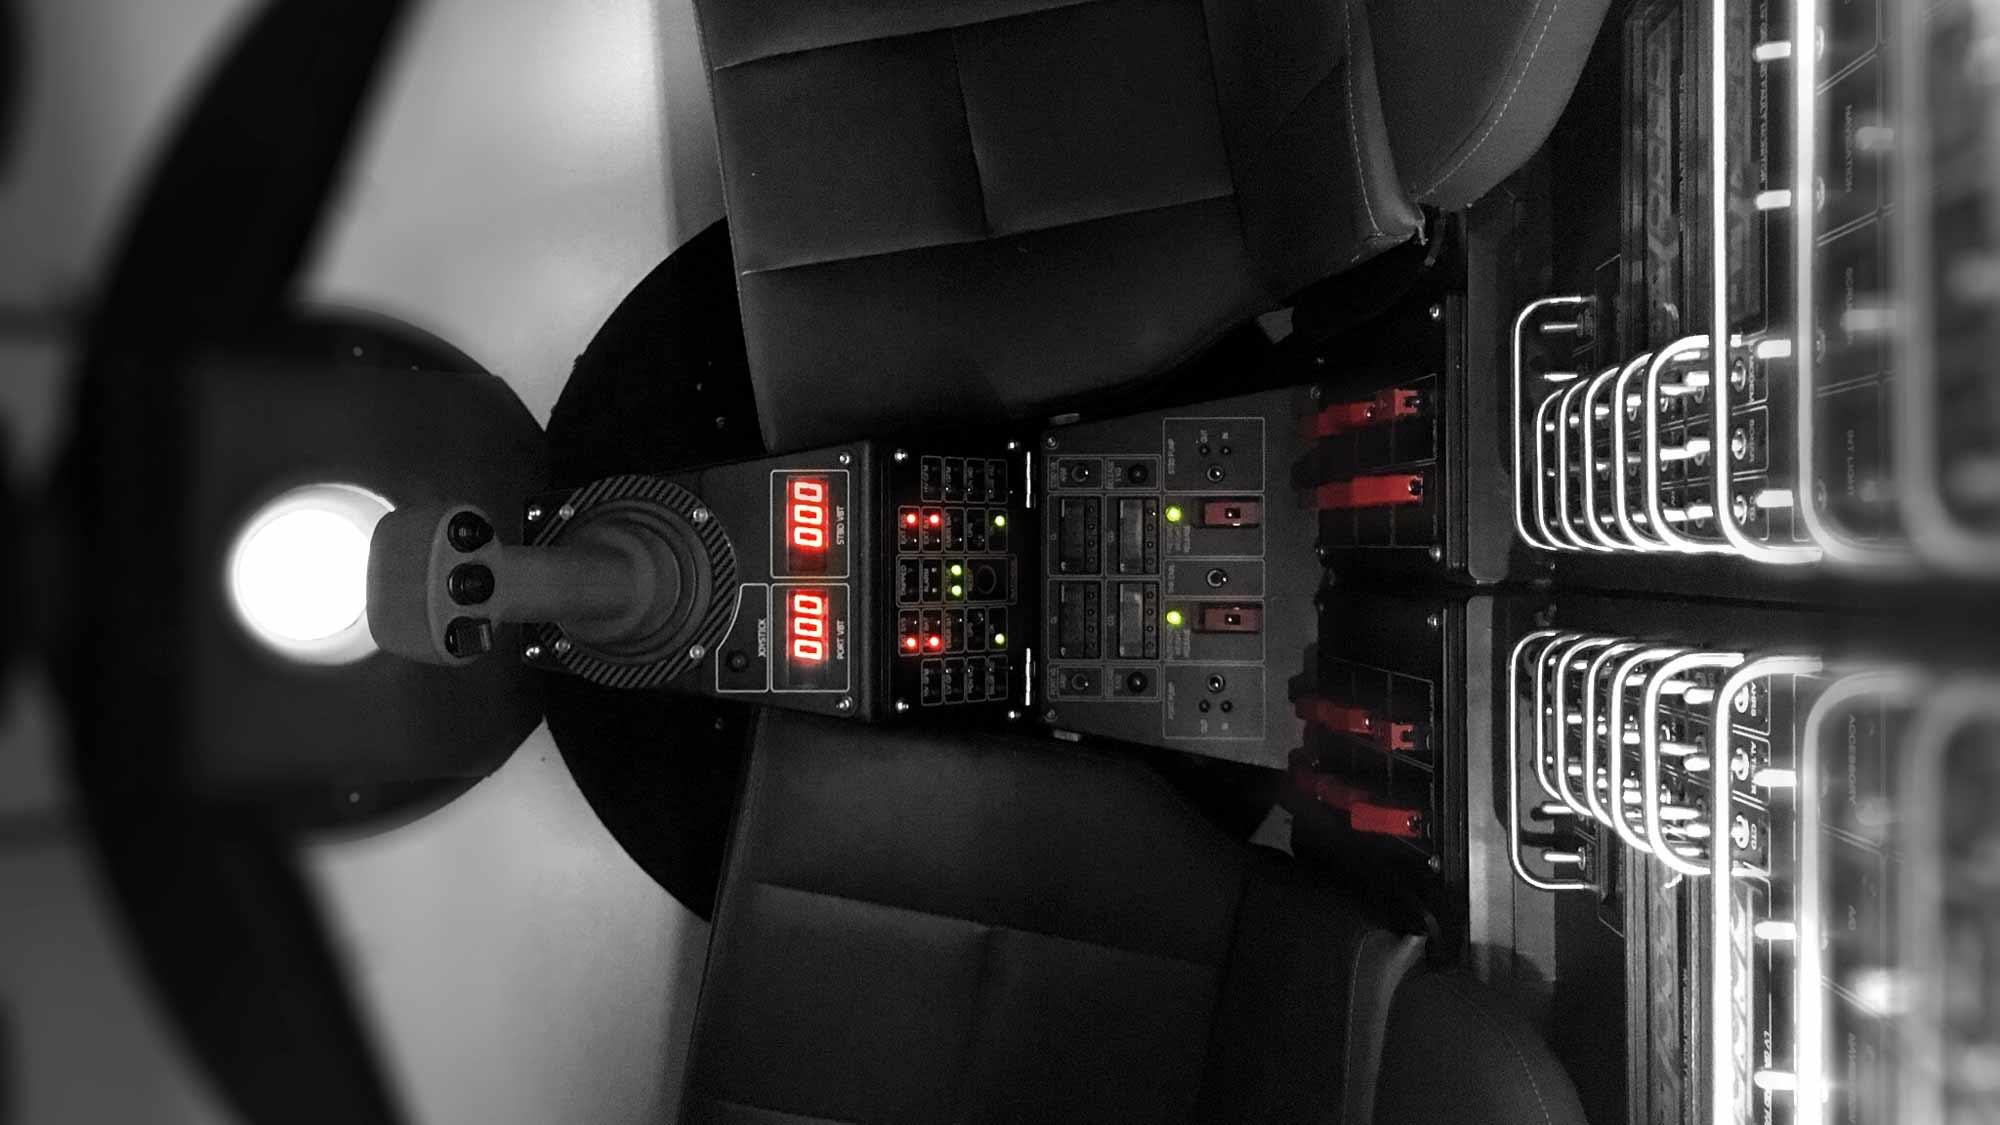 Interior of Triton Full Ocean Depth submersible